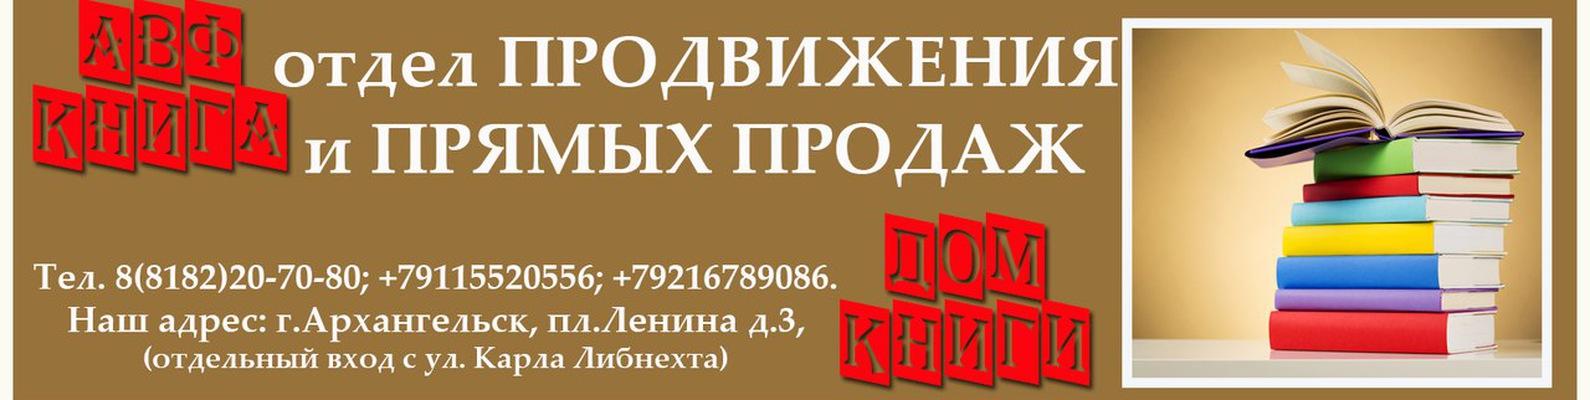 5ec9bb22d613 ООО